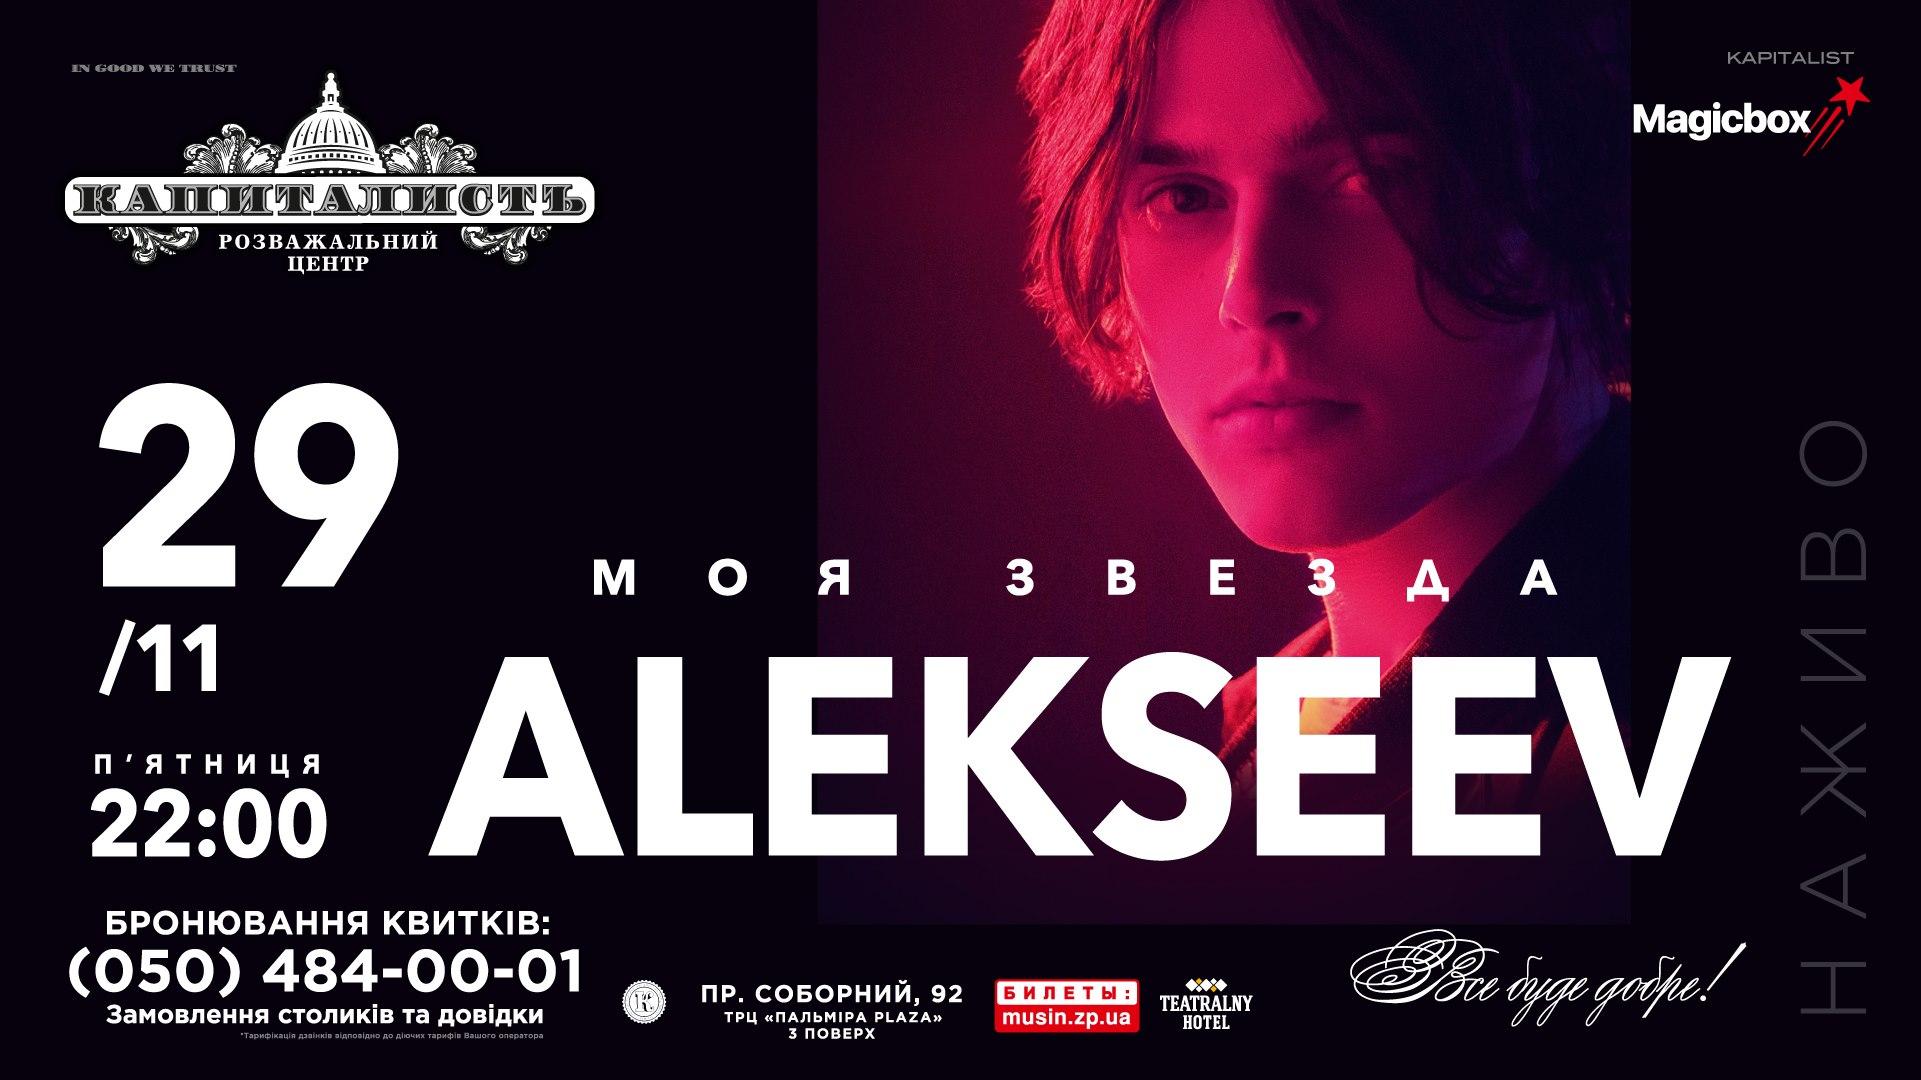 В Запорожье состоится сольный концерт популярного певца Alekseev